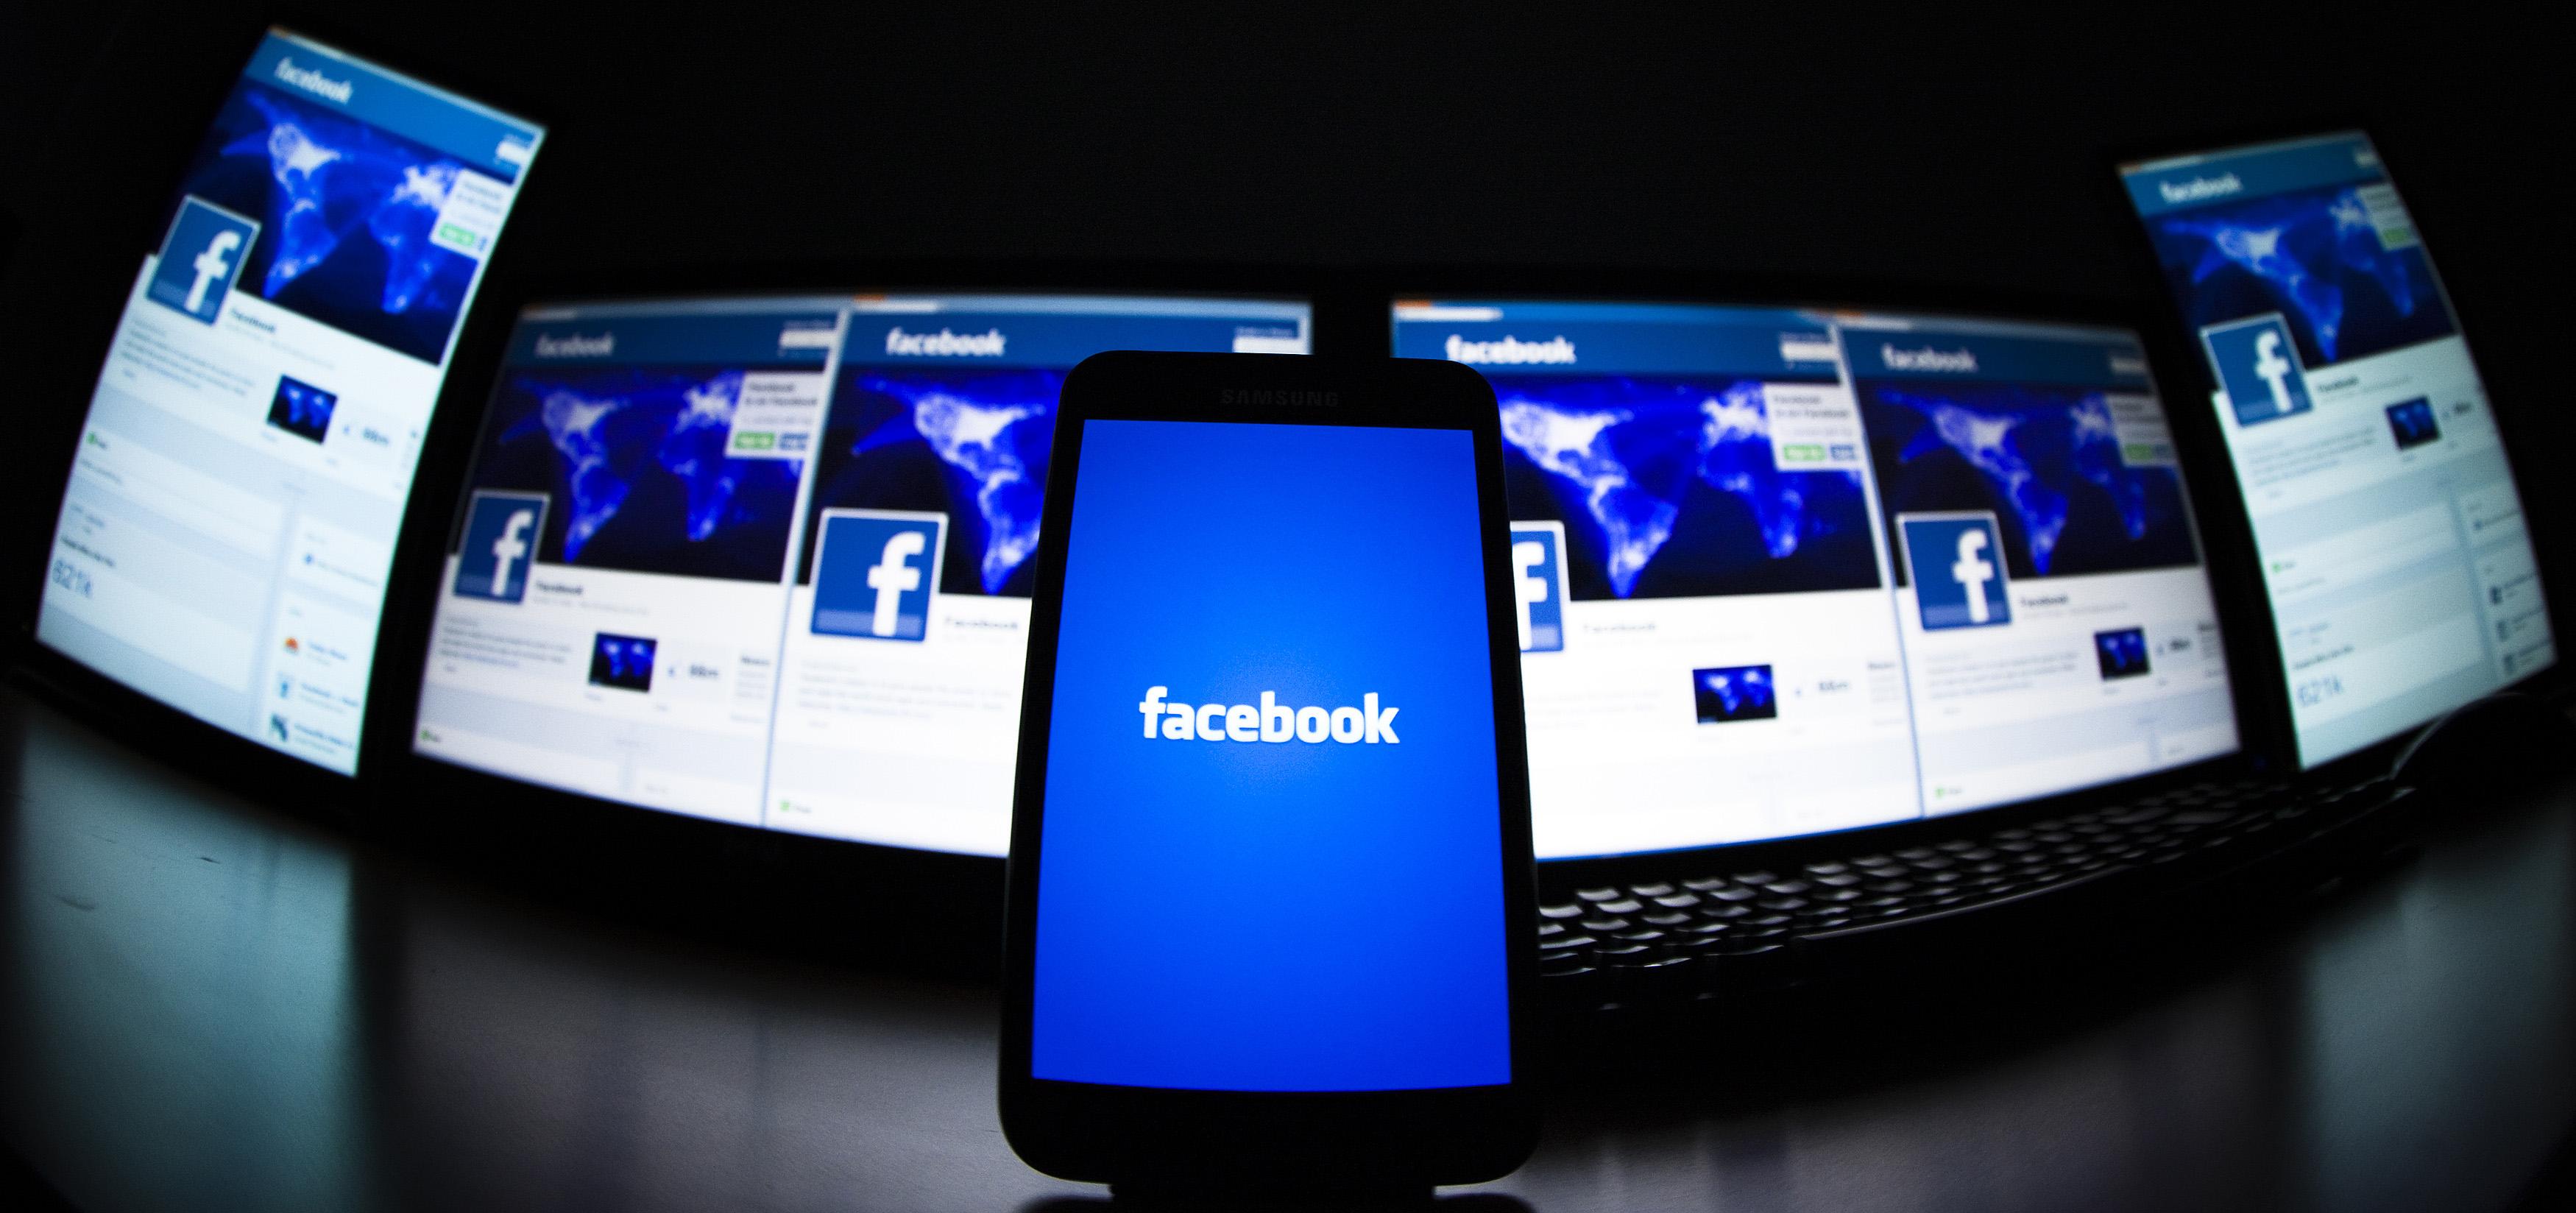 تعليمات جديدة لـفيسبوك تكافح الإرهاب والكراهية والعري